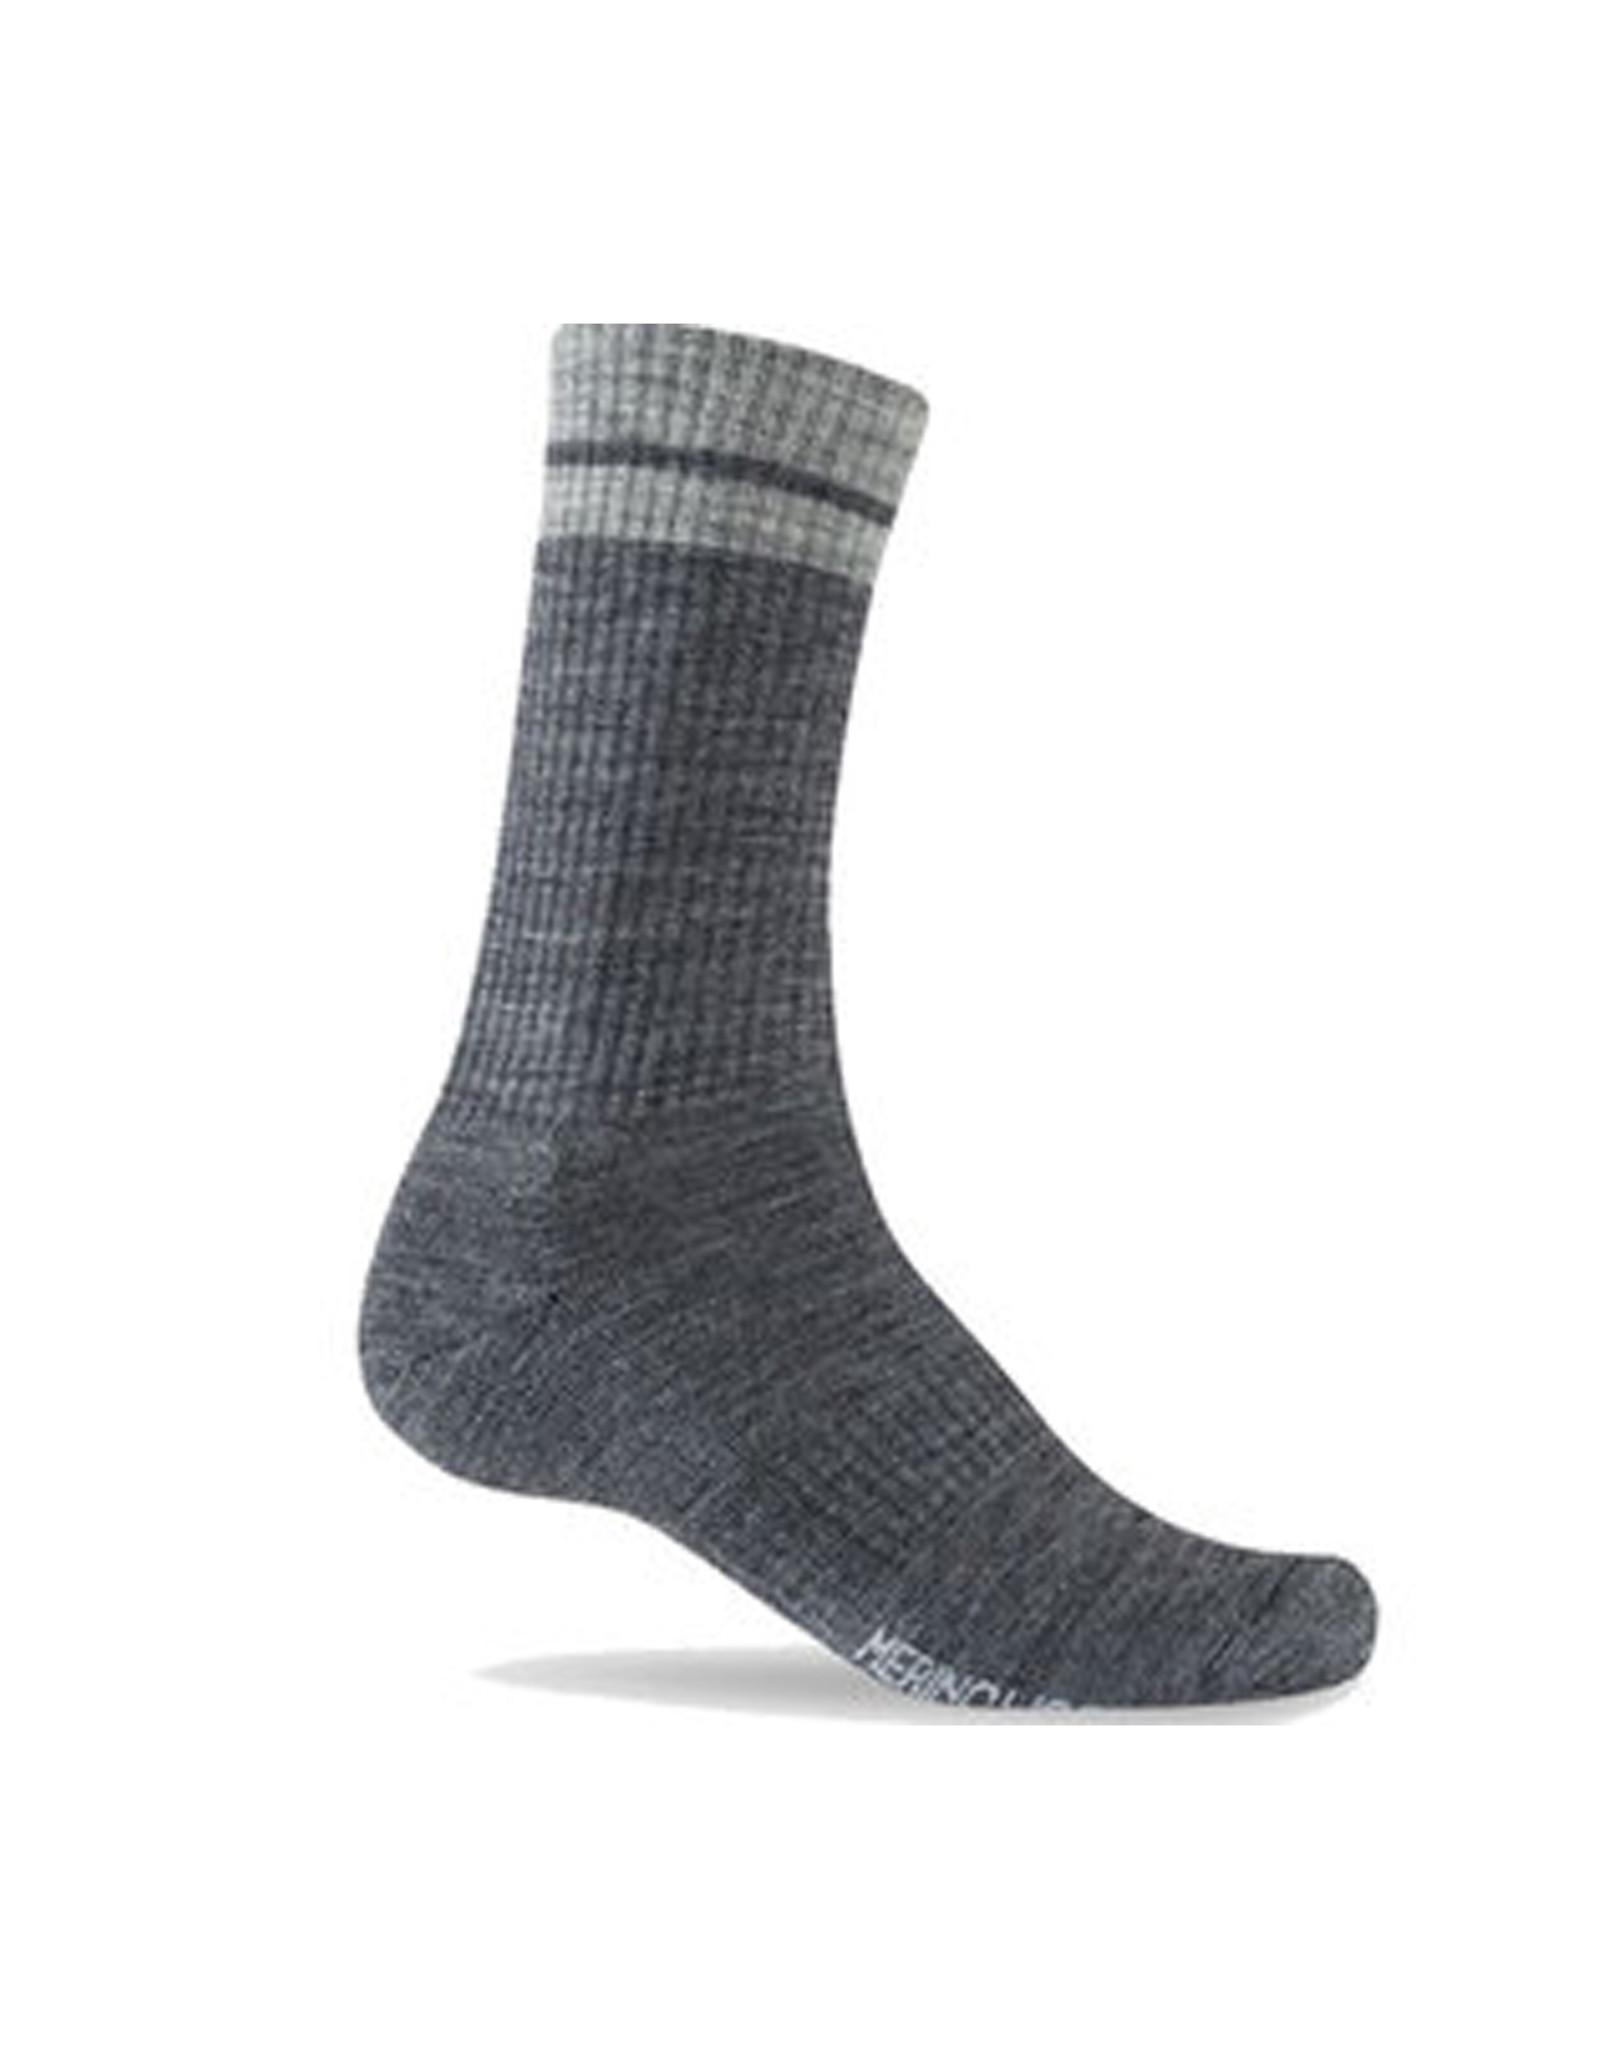 Giro Bas Giro Winter Merino Wool